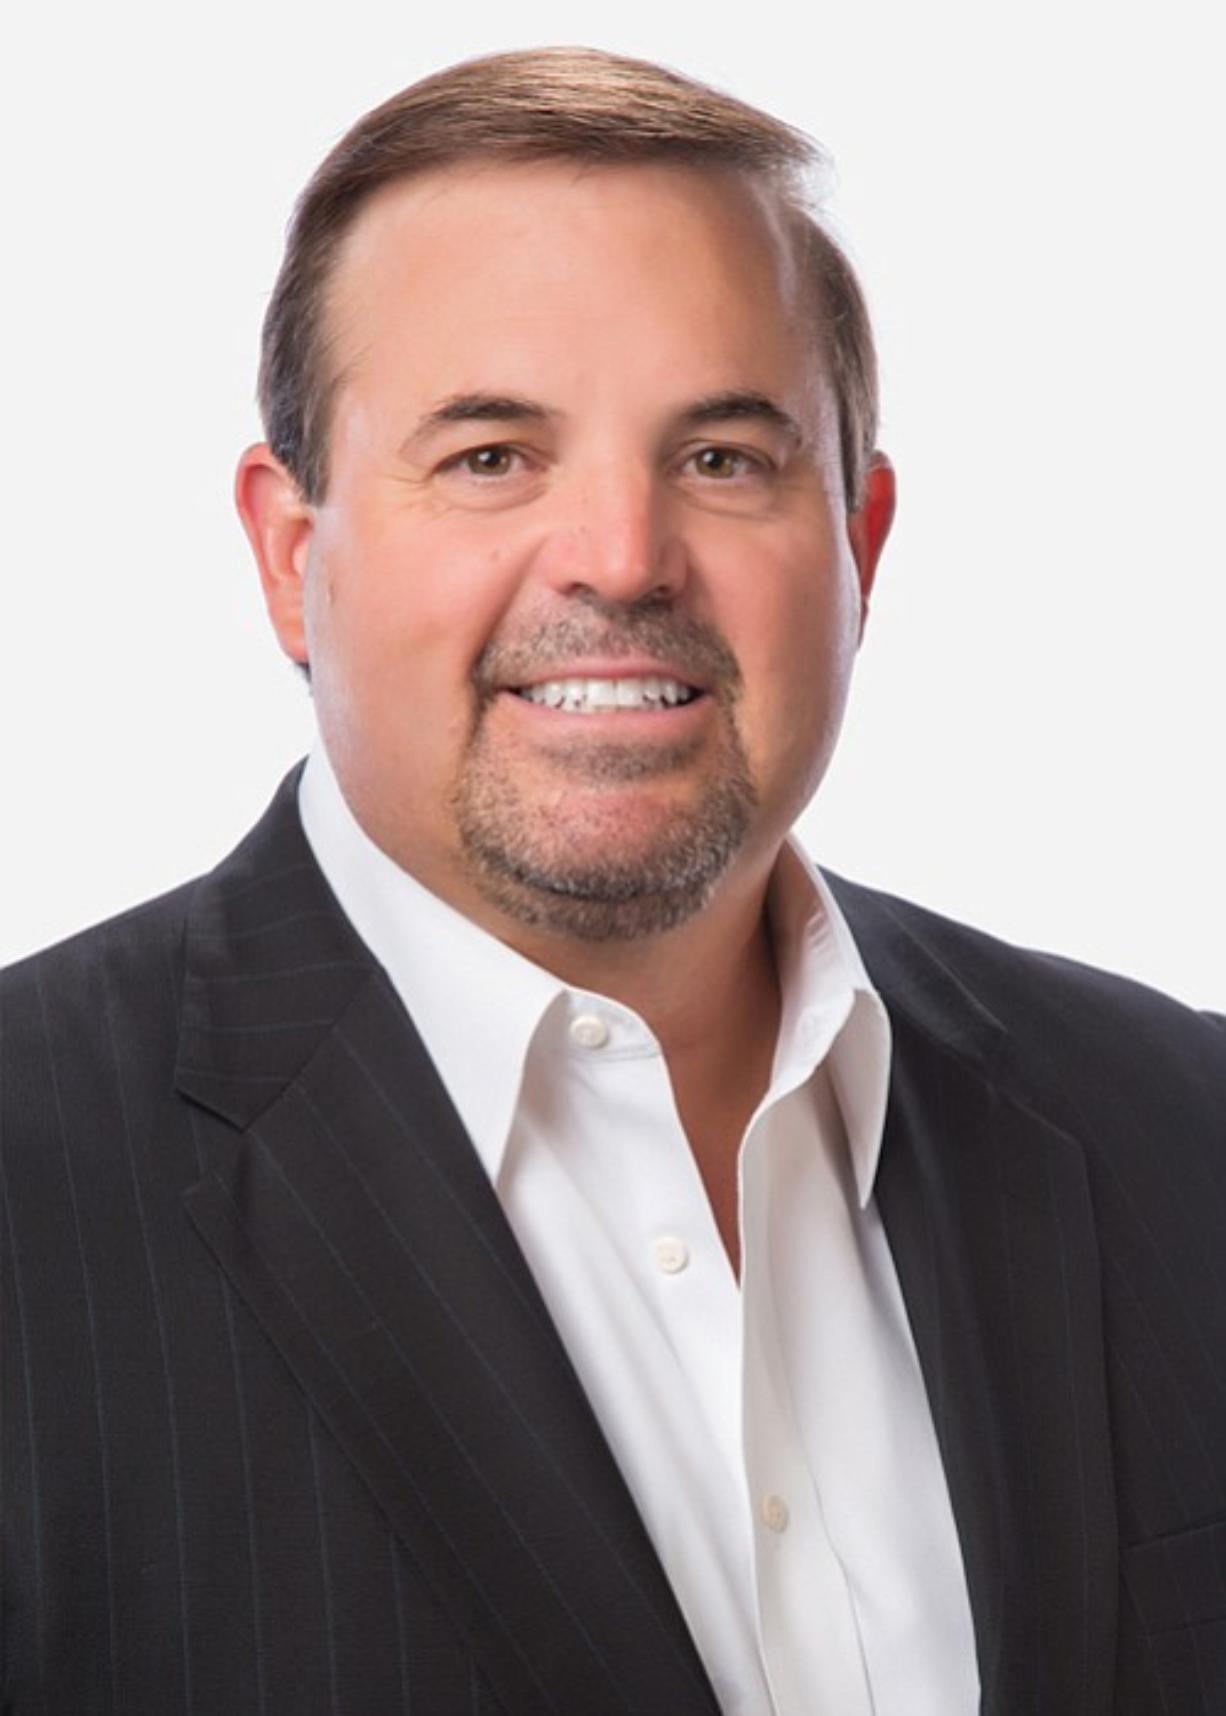 Rick Takach, Vesta Hospitality CEO and president